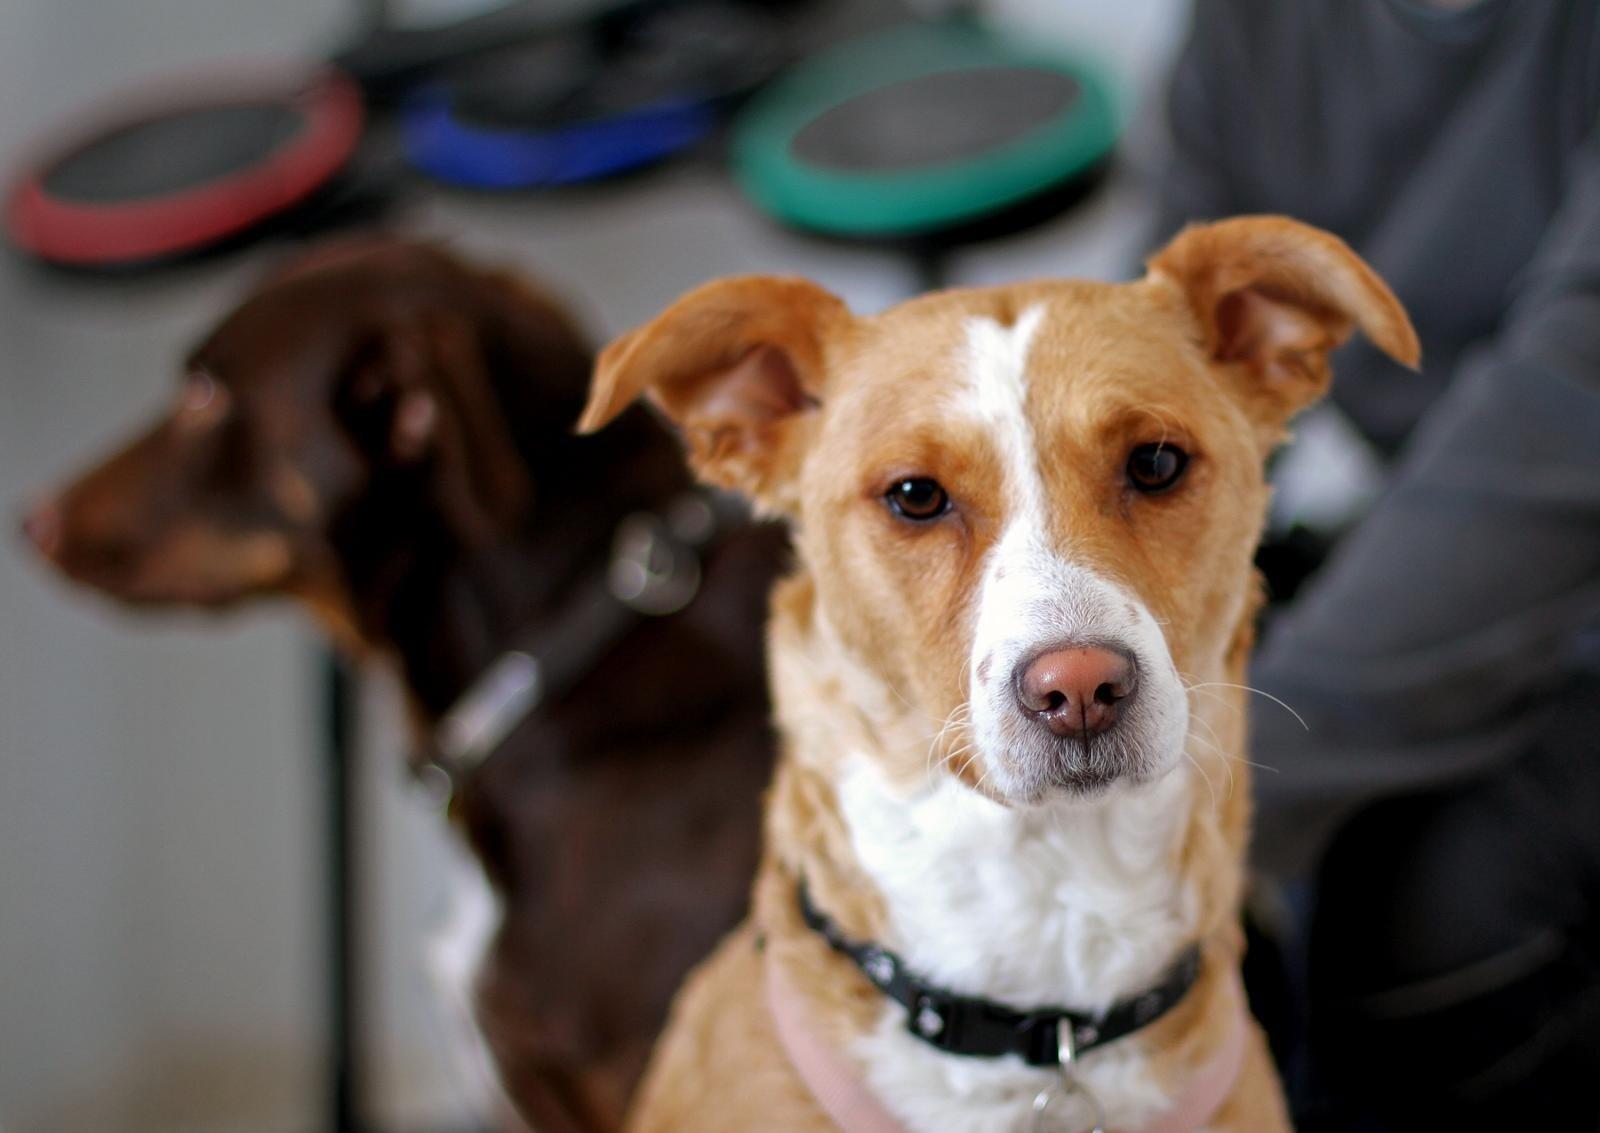 Suomijos tyrėjai: eksperimentas su COVID-19 užuodžiančiais šunimis davė teigiamų rezultatų